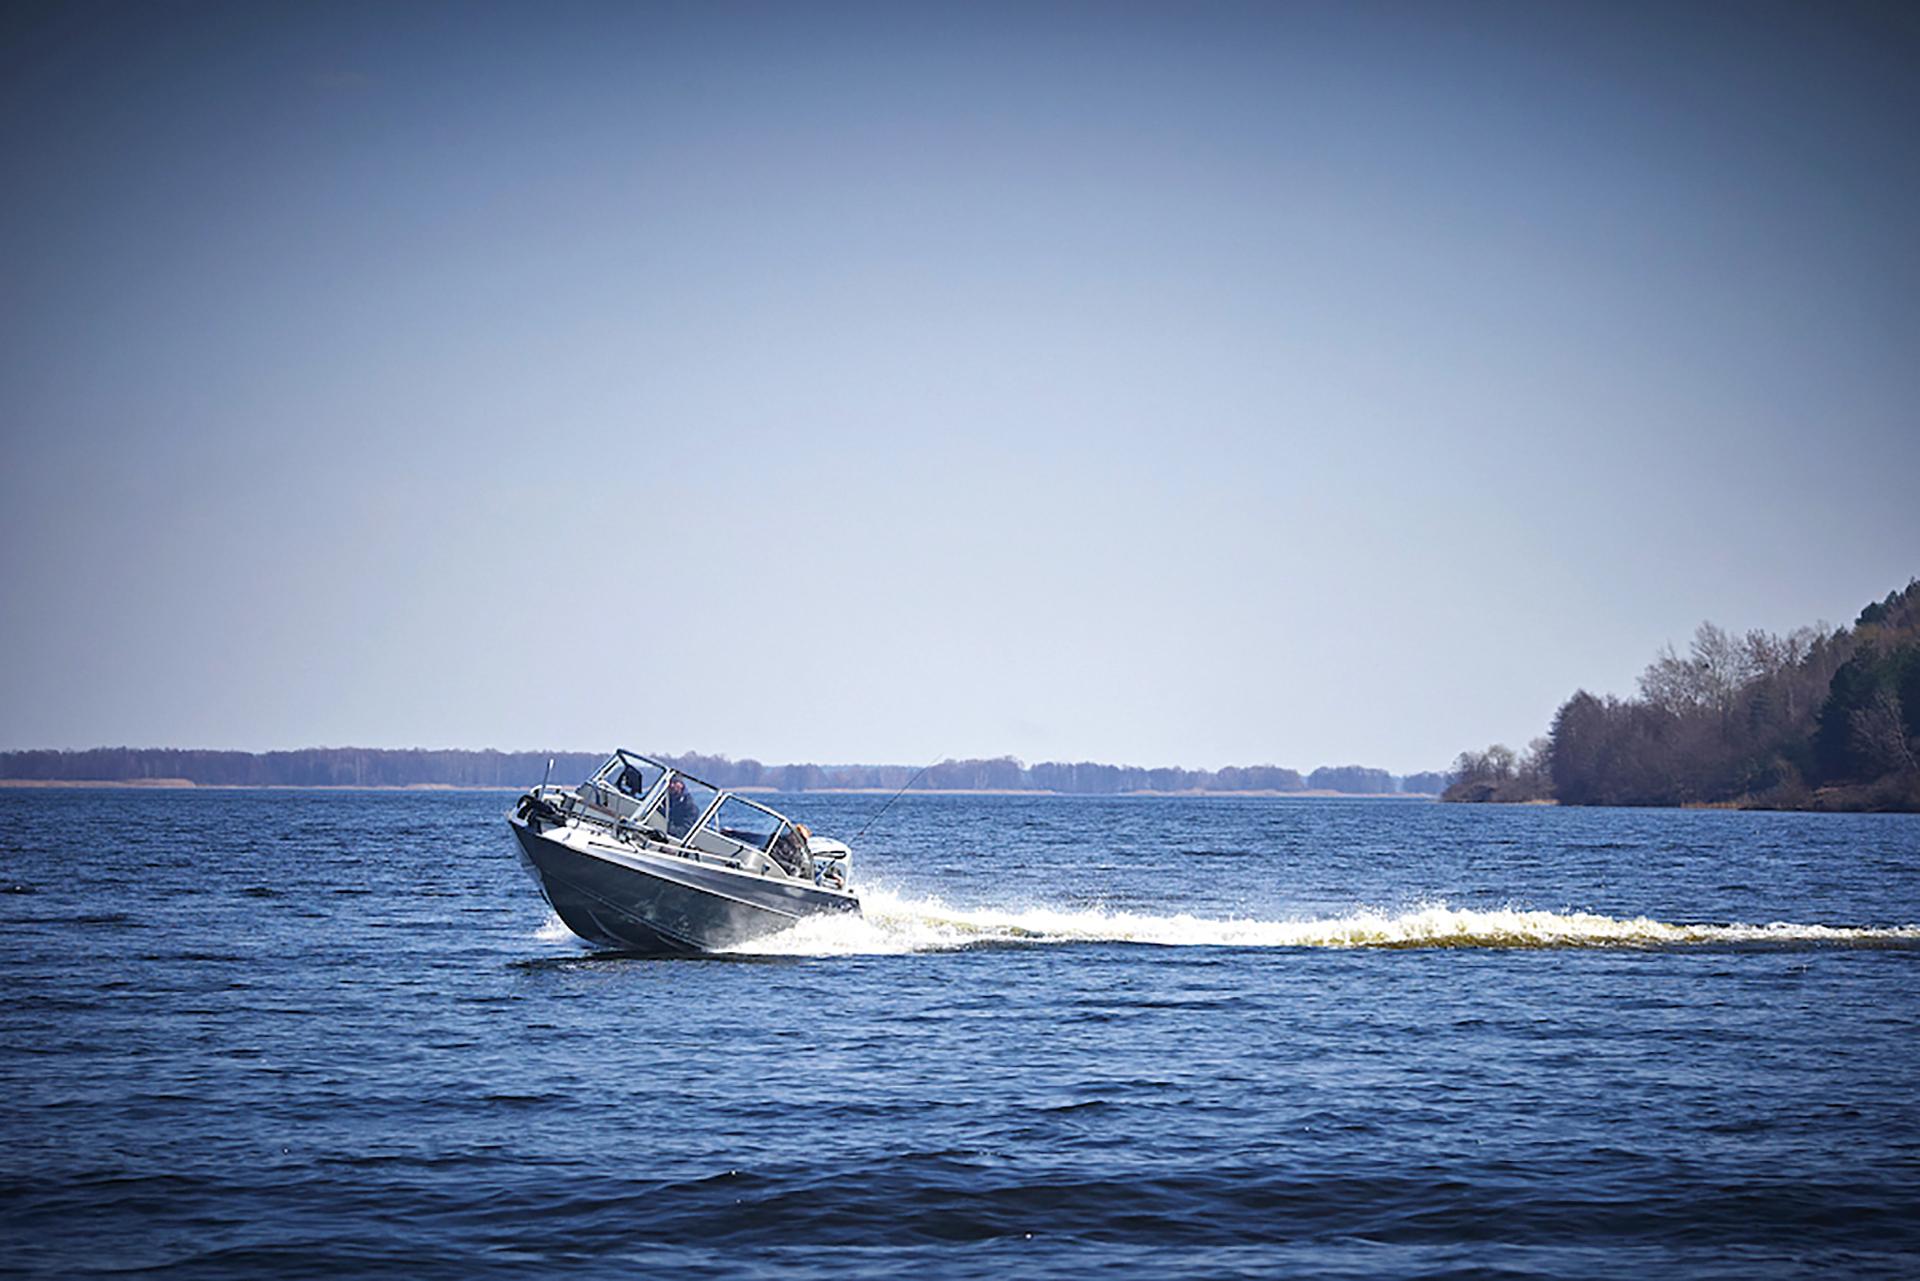 Рыбалка на Днепре - незабываемое приключение!